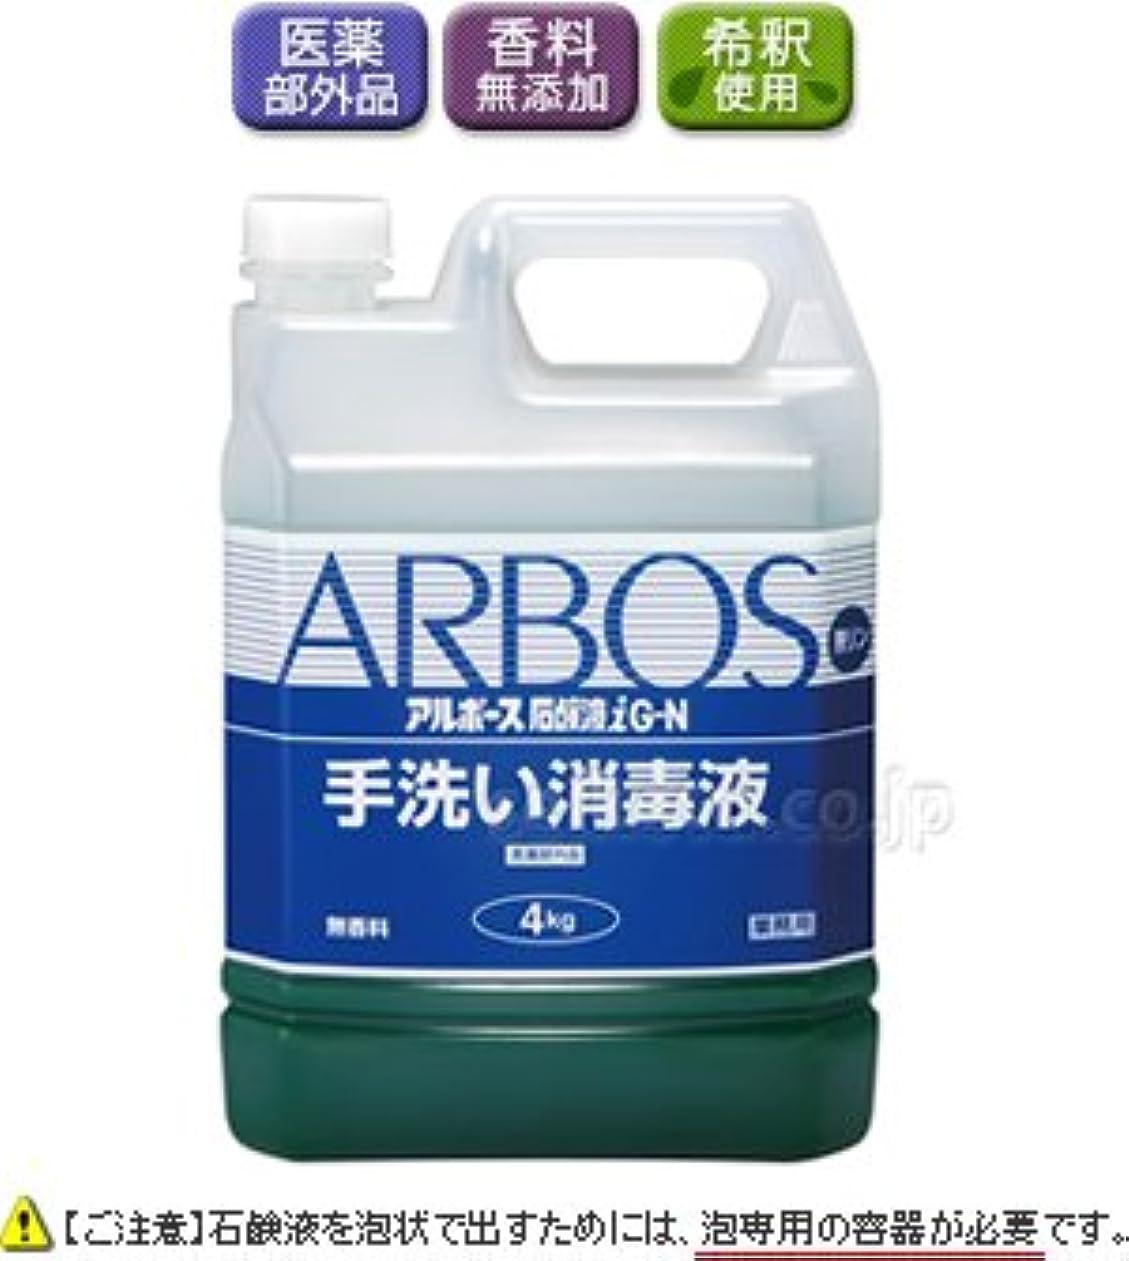 繊細ファブリックパンダ【清潔キレイ館】アルボース石鹸液iG-N(4kg×1本)